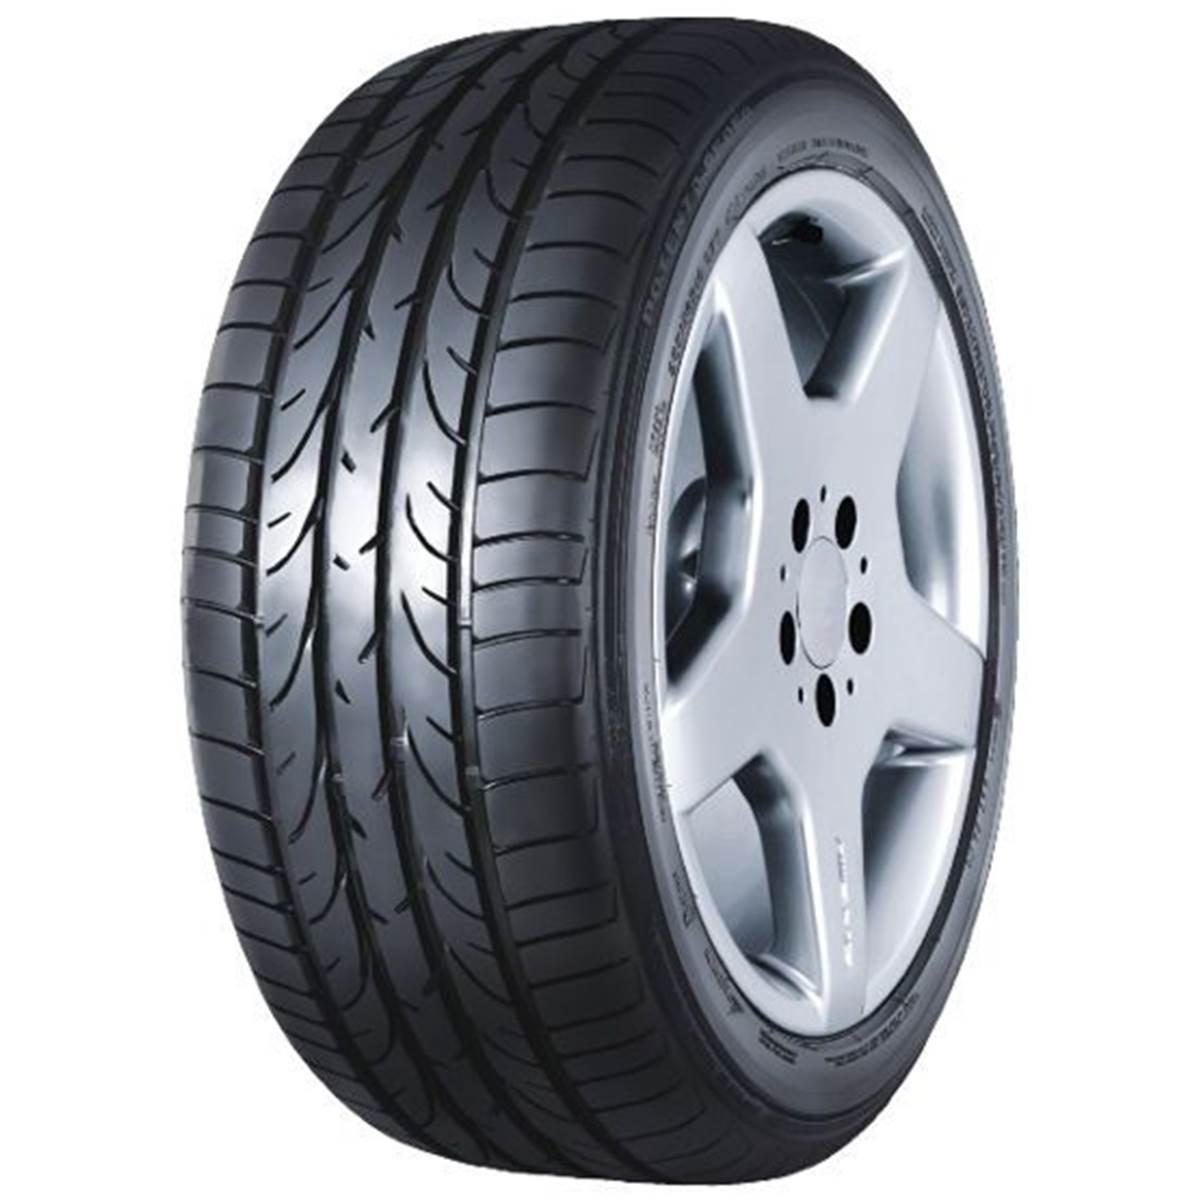 Pneu Bridgestone 225/50R17 94Y Potenza Re050